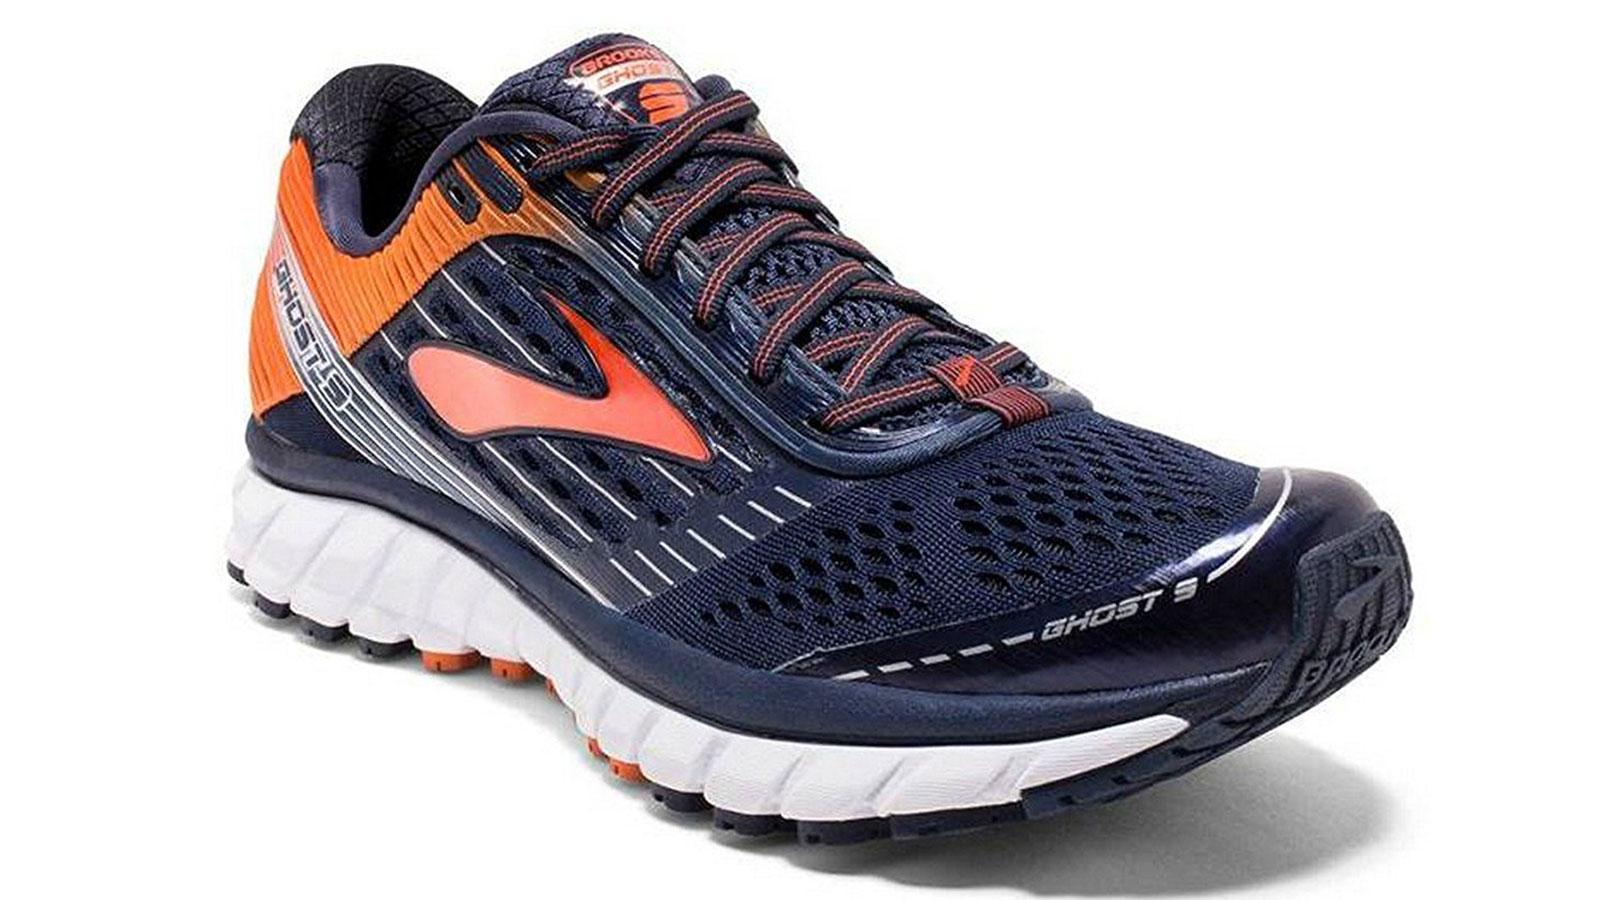 Brooks Ghost 9 Men's Running Shoe   best running shoes for men